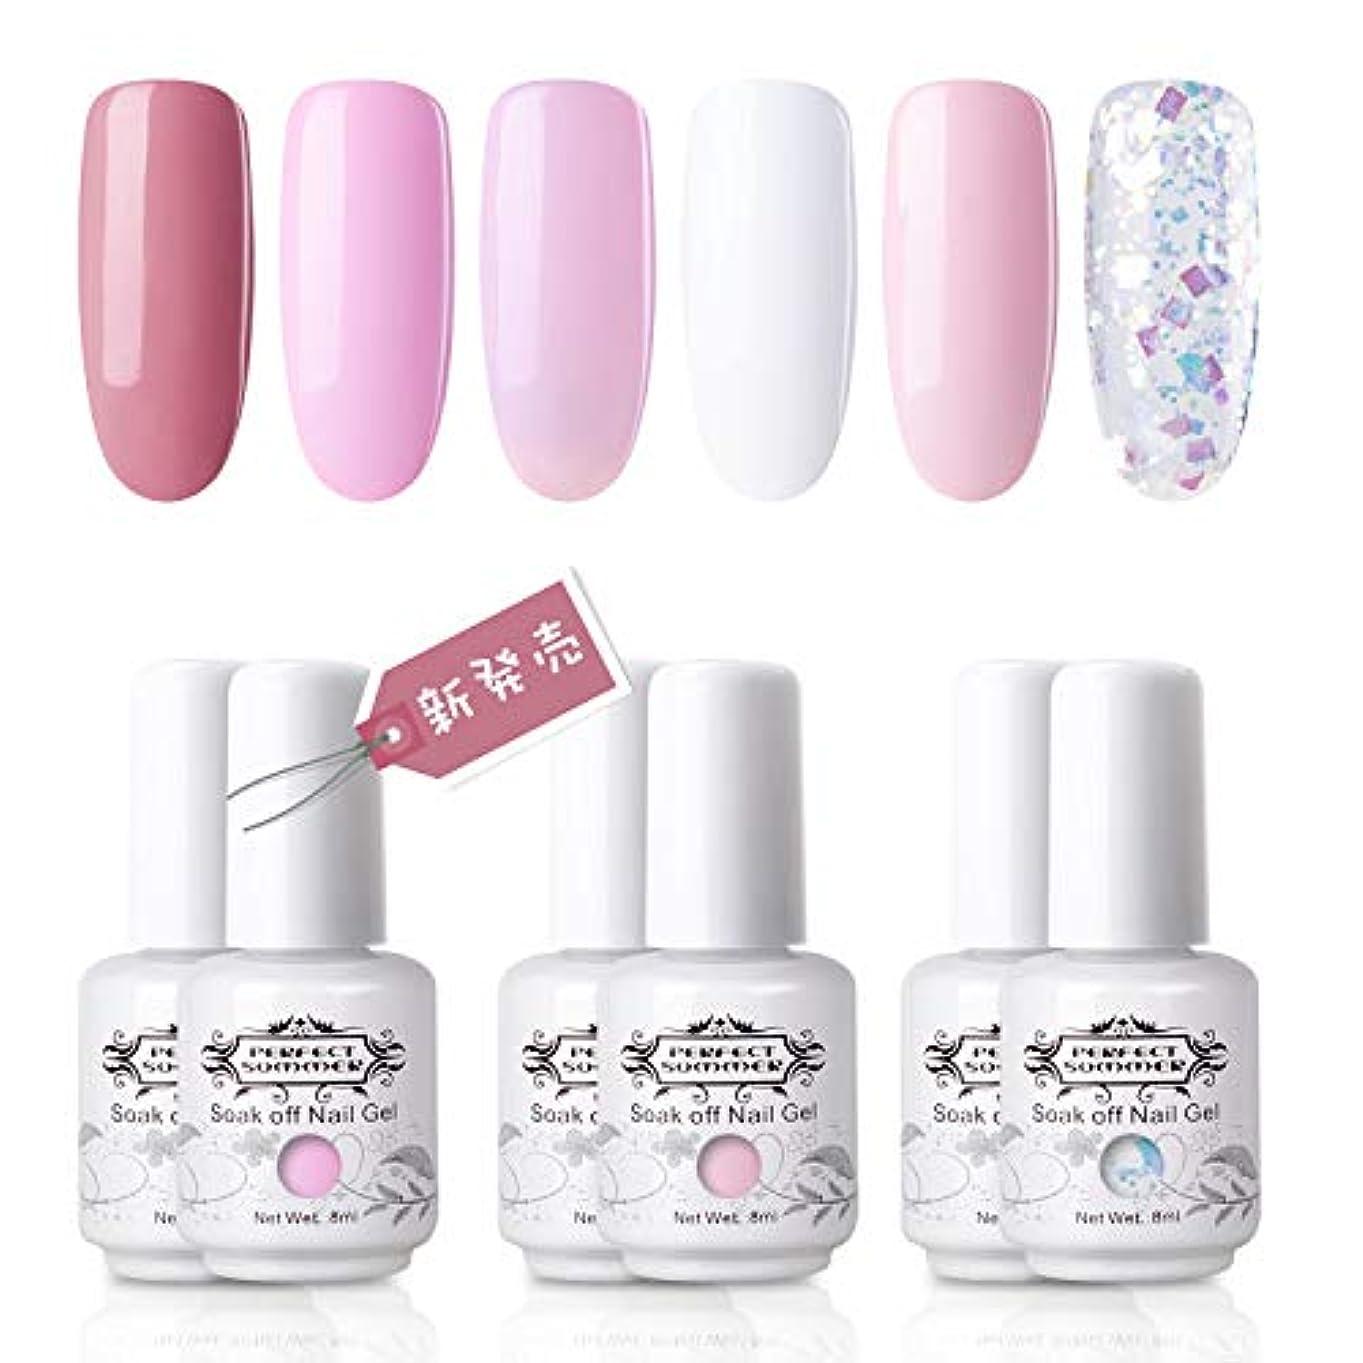 持続的休みこんにちは[Perfect Summer] ジェルネイル カラージェル 6色セット ポリッシュタイプ 新発売 UV/LED対応 ピンク ラメ